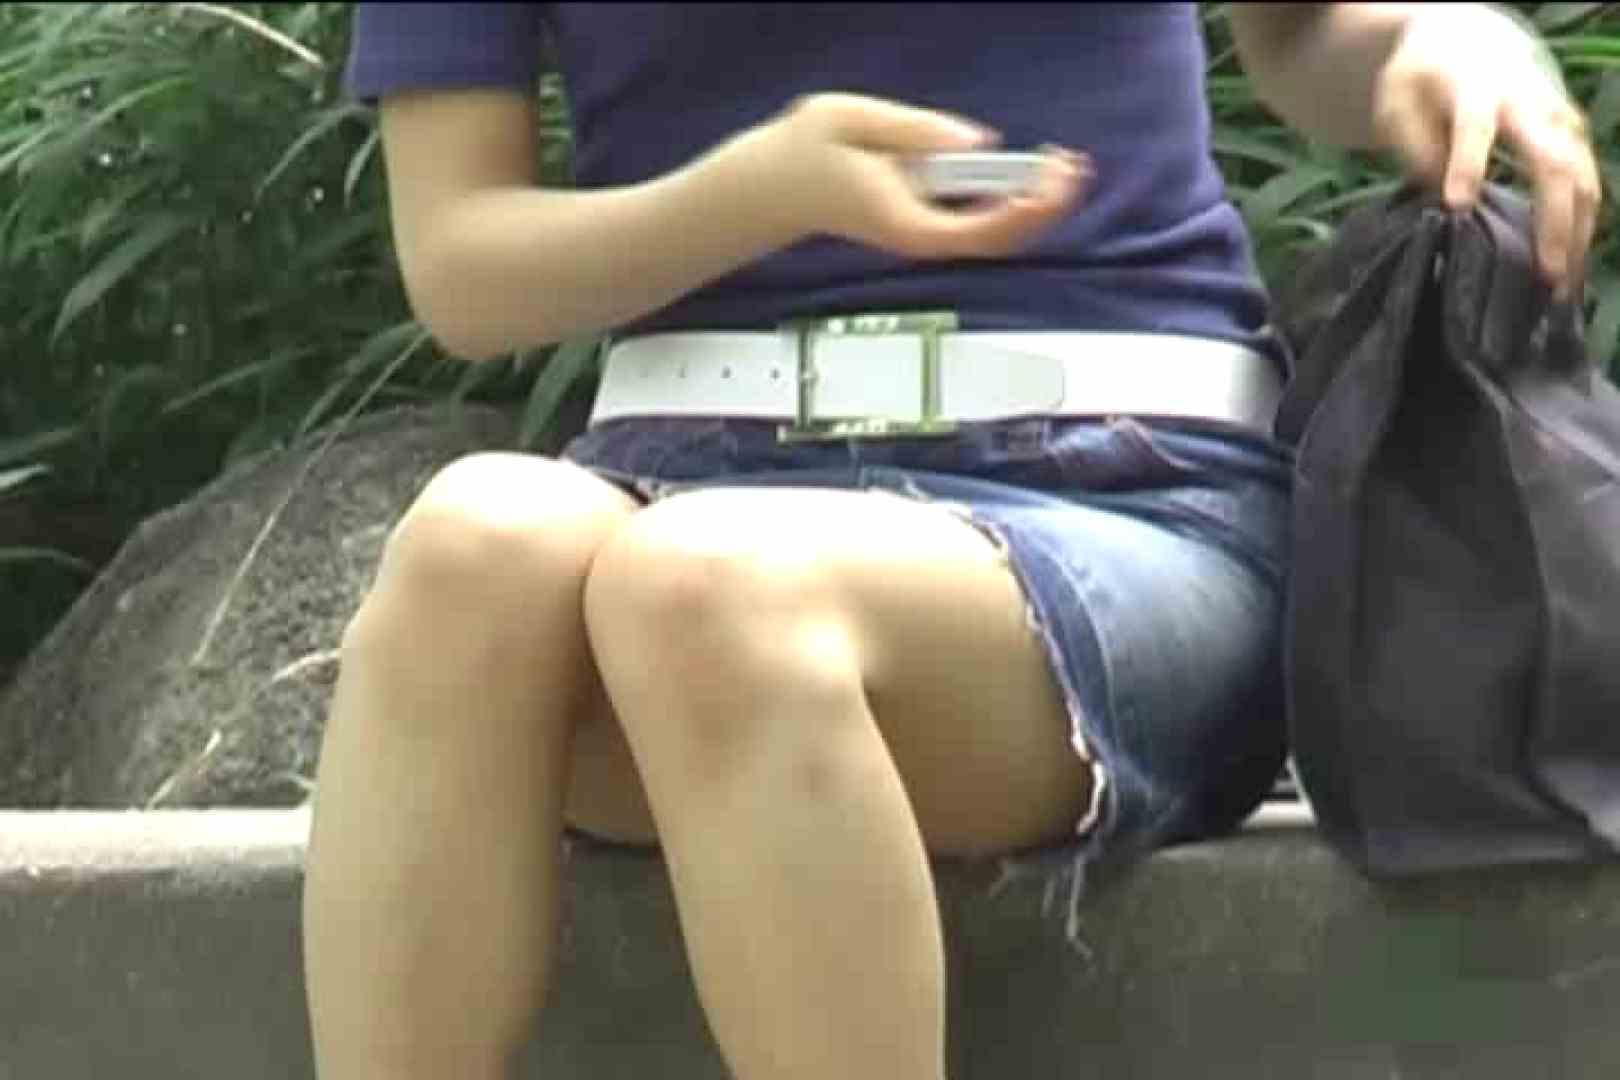 検証!隠し撮りスカートめくり!!Vol.8 ミニスカート 濡れ場動画紹介 99pic 11